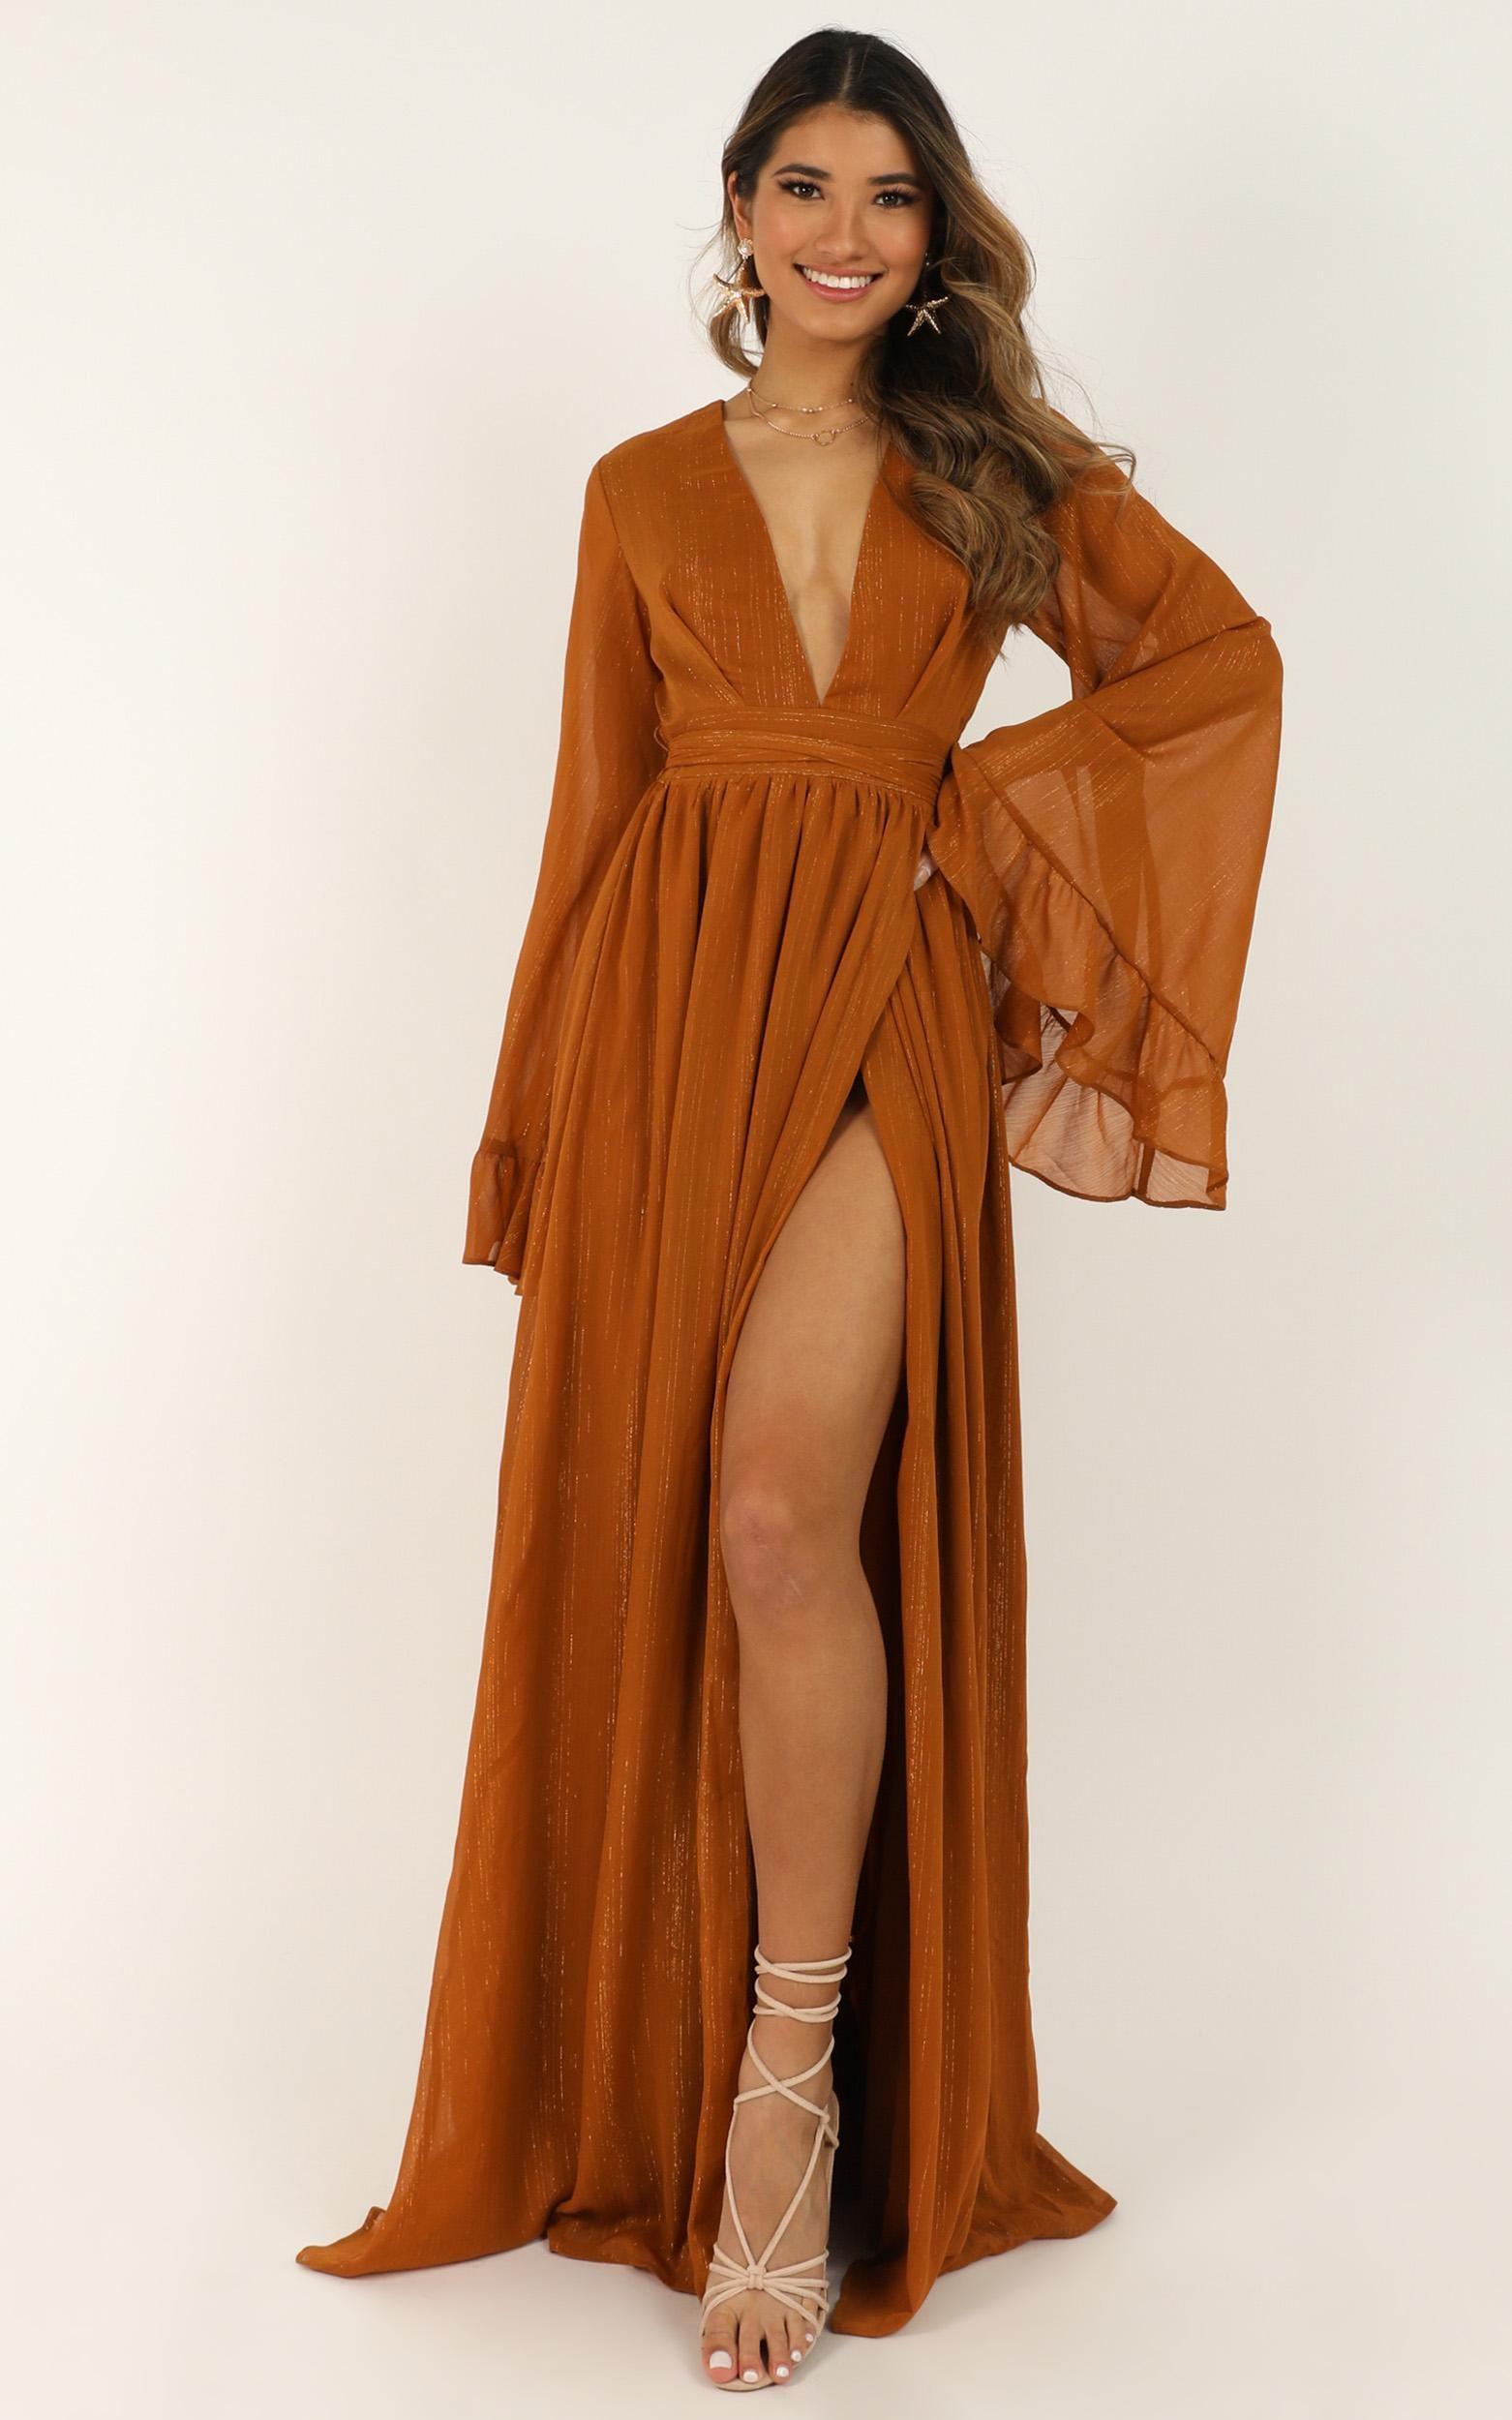 Dangerous Woman Dress In Rust Produced in 2020 | Womens